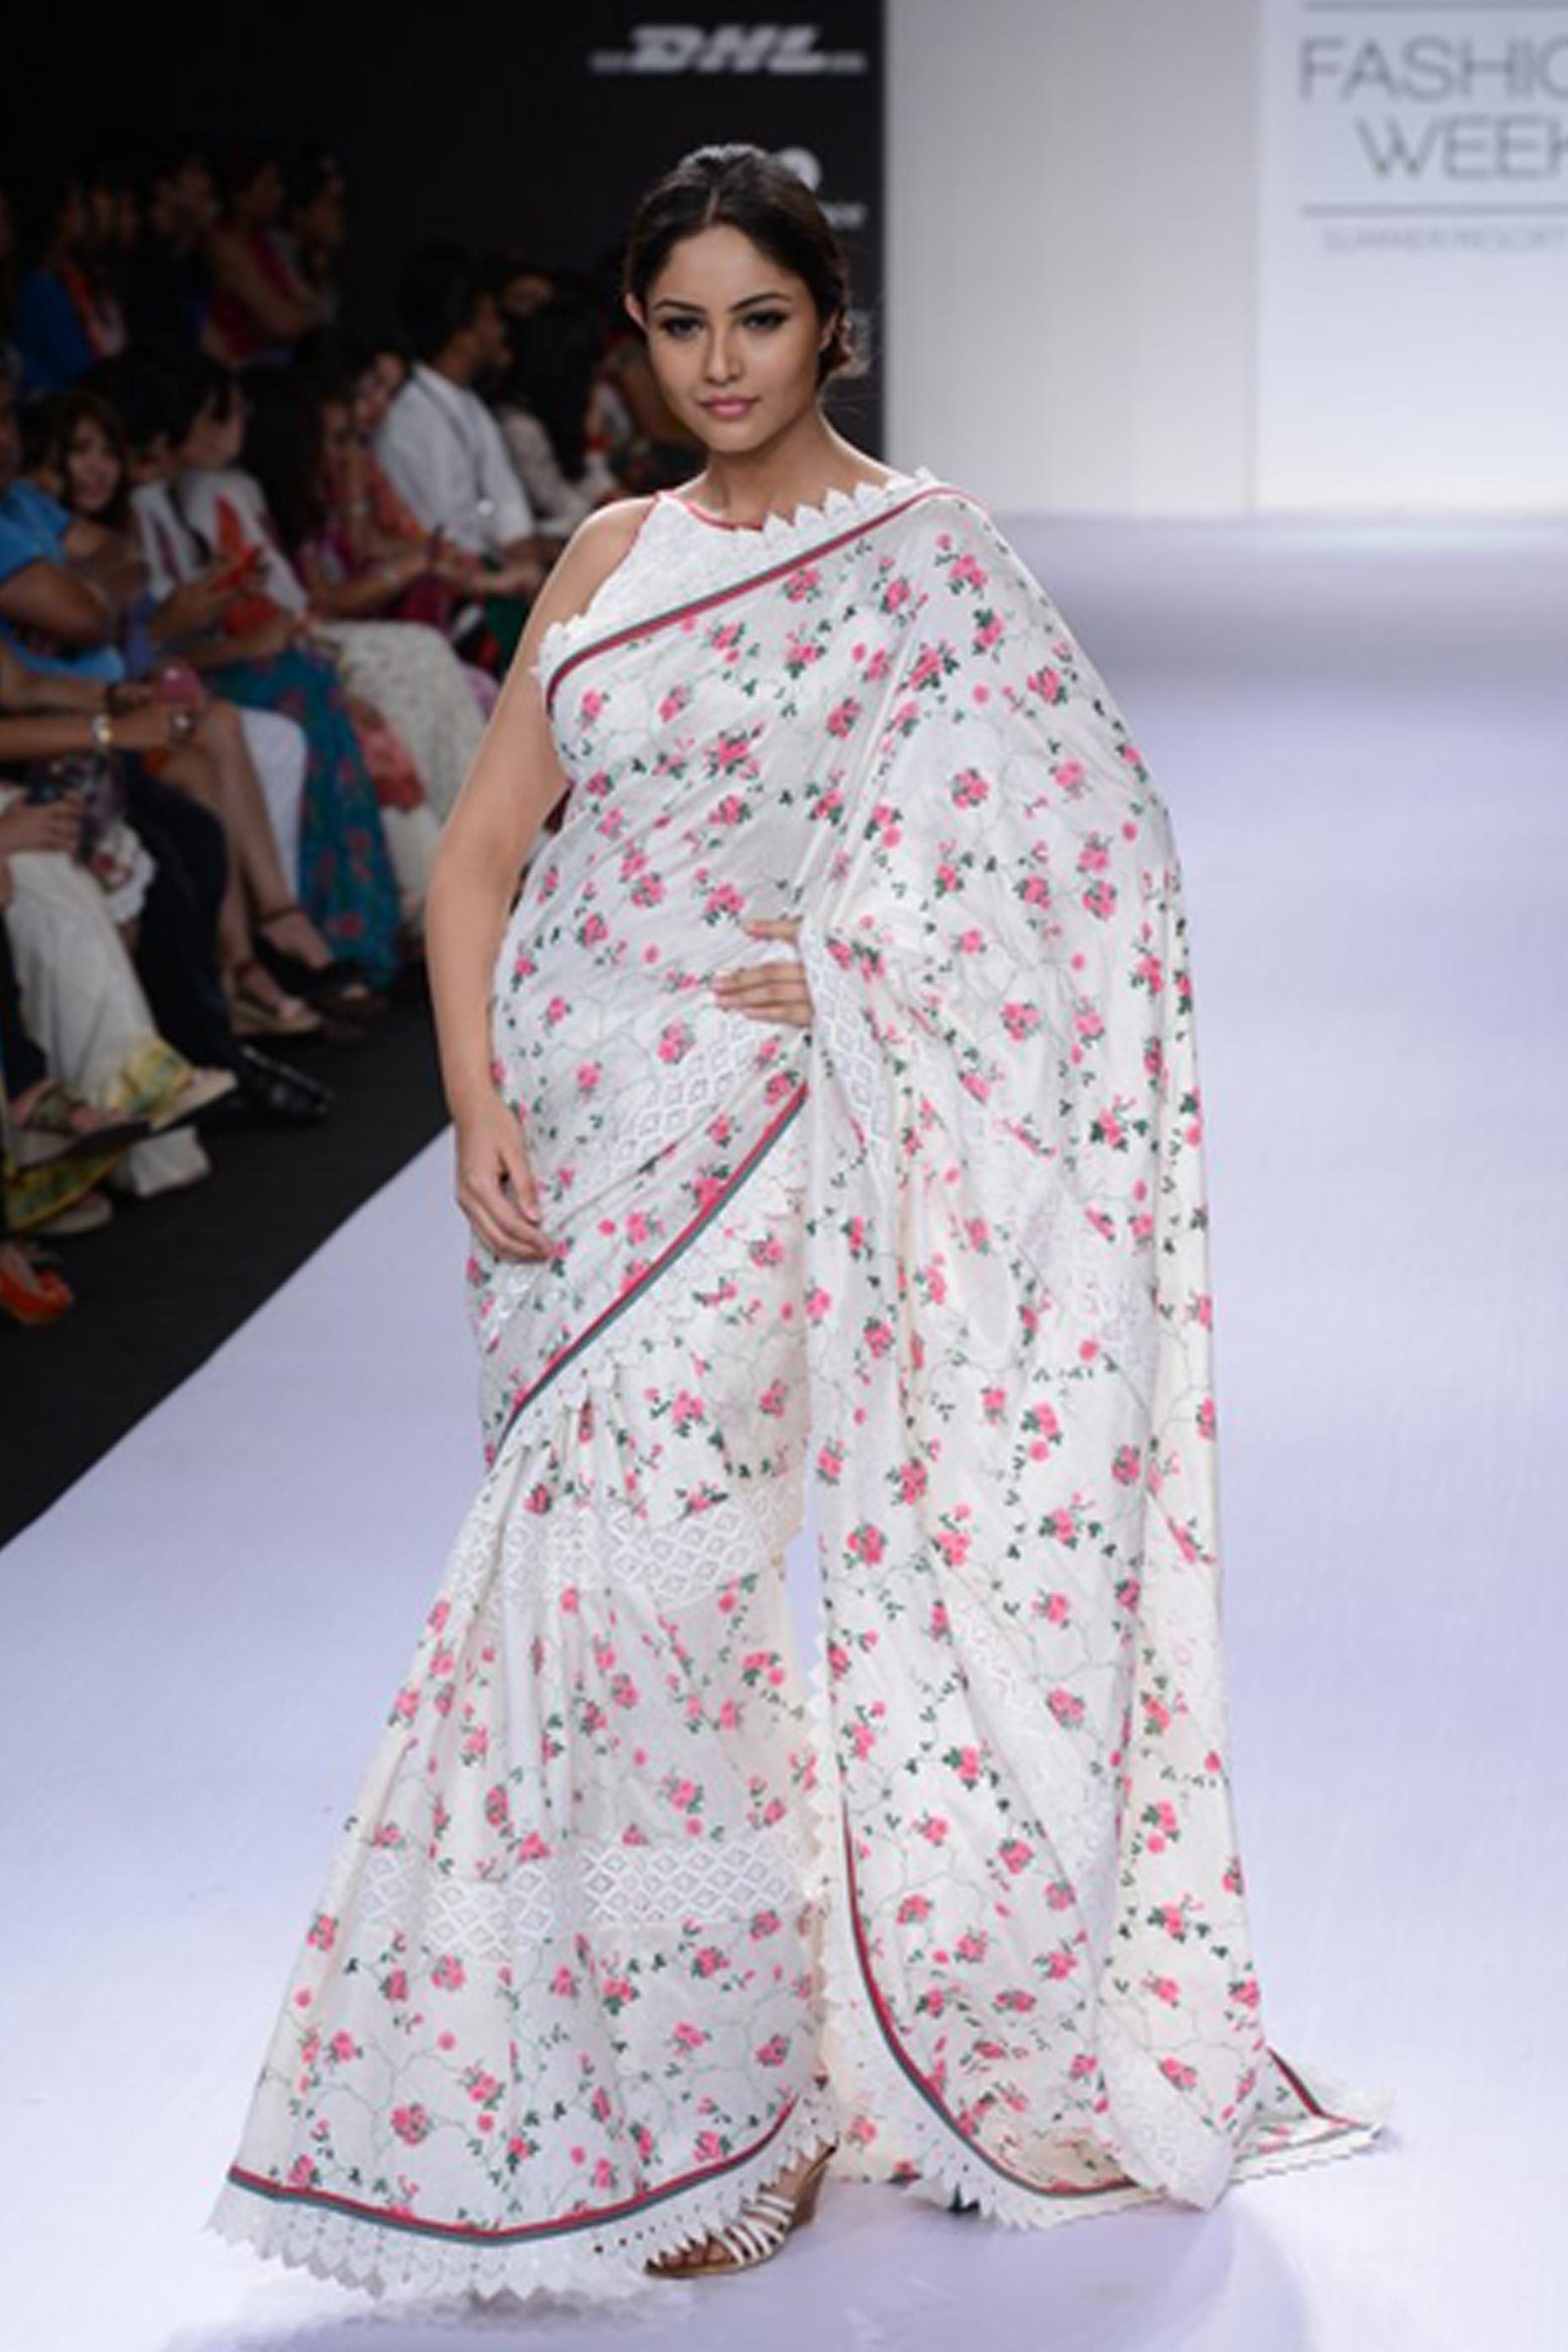 Saree blouse design for chiffon saree shruti sancheti collection  sari  sari  pinterest  saris saree